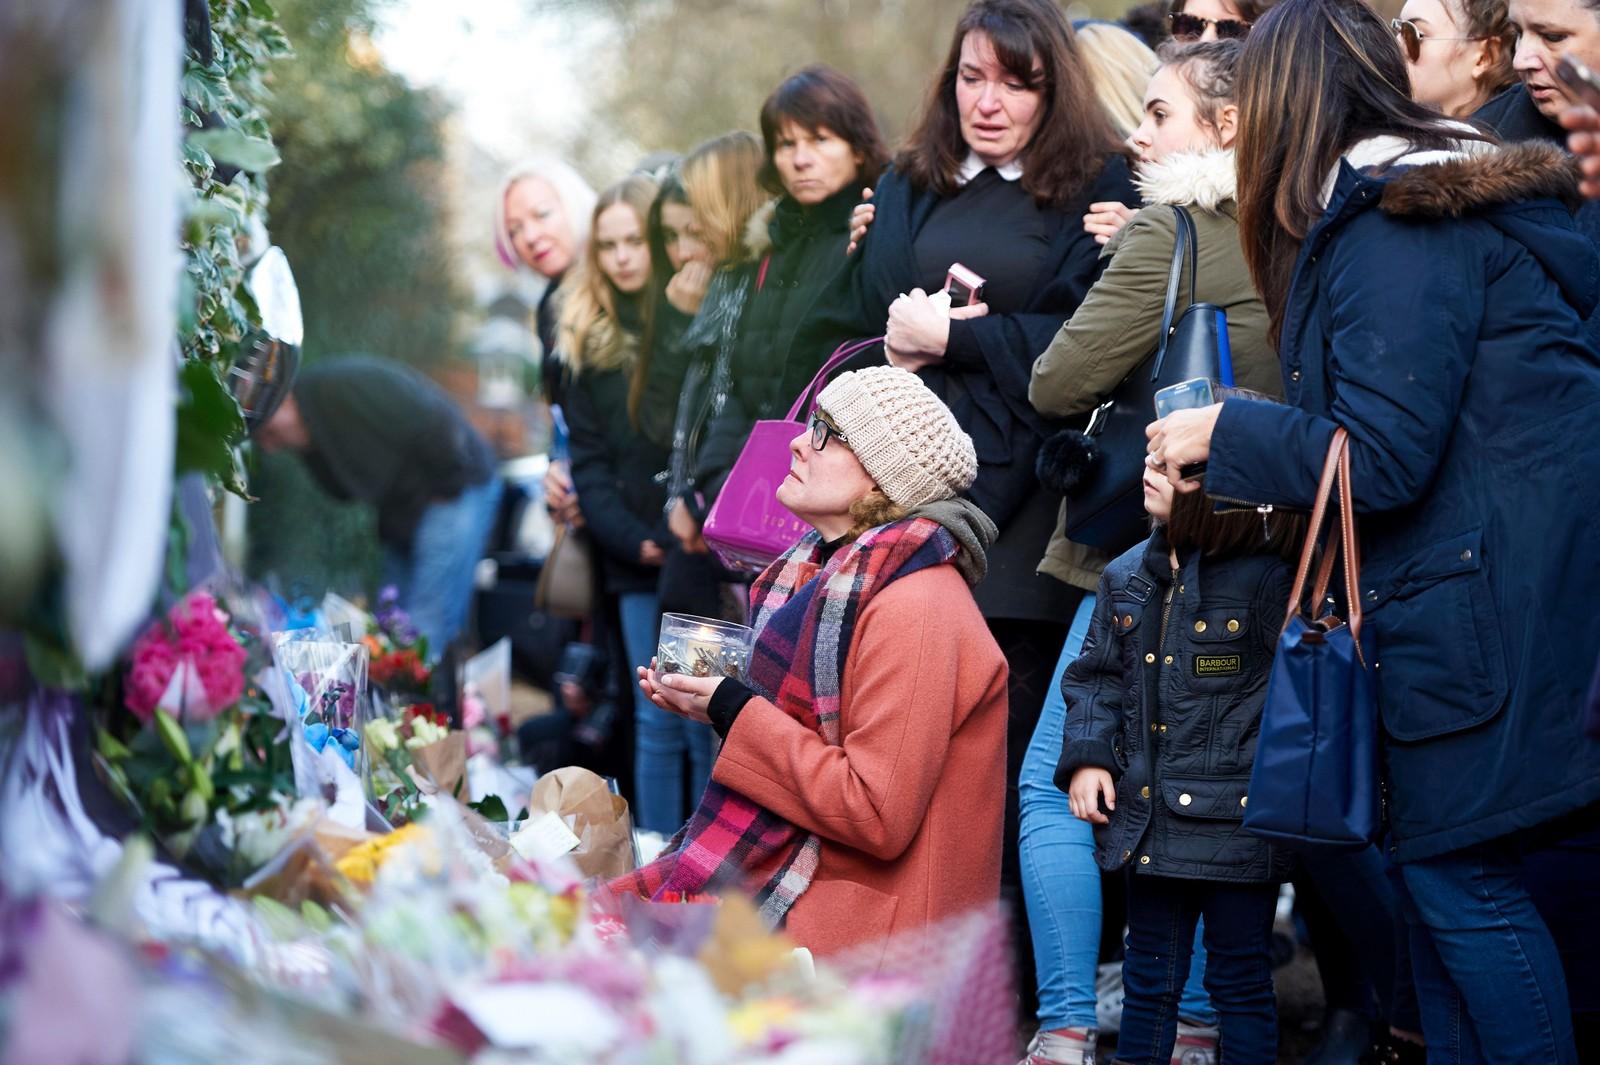 Sørgende mennesker utenfor hjemmet til George Michael to dager etter at han døde. Popstjernen ble 53 år gammel.